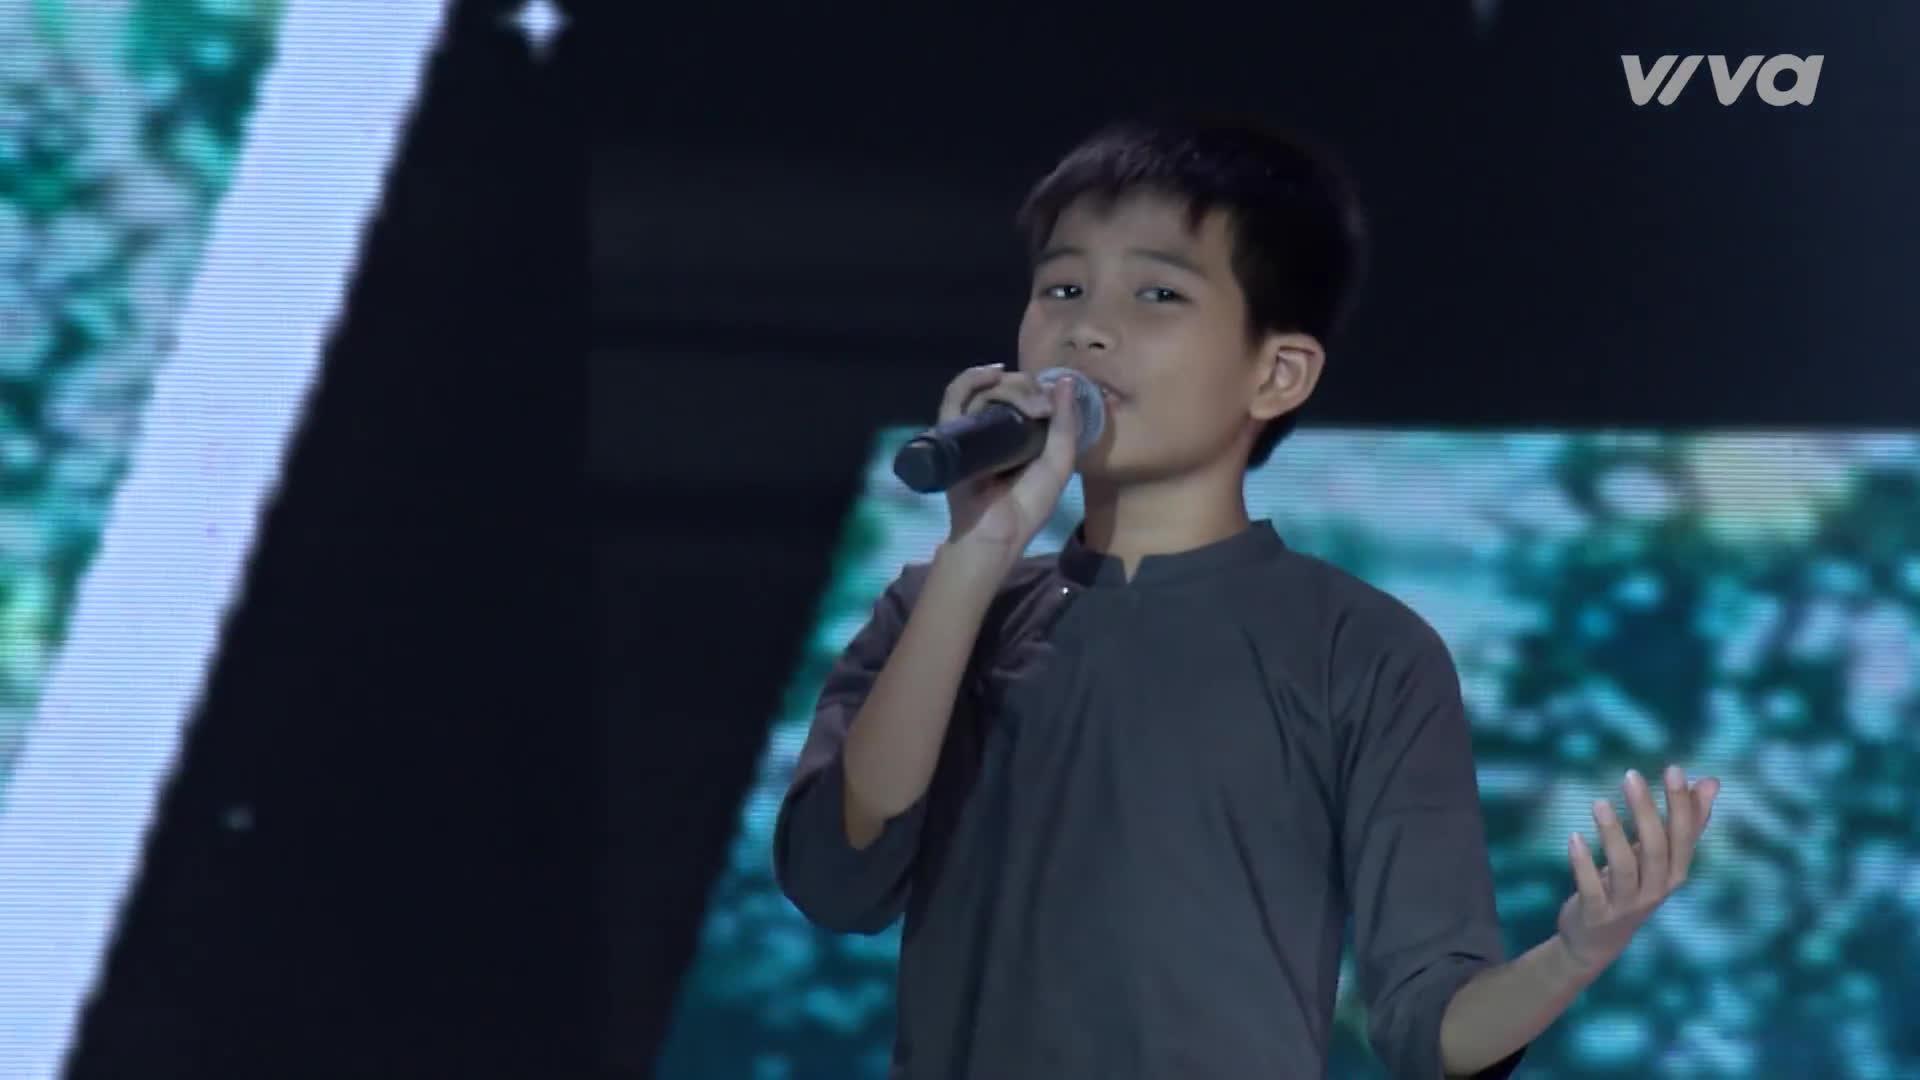 Đối đầu xuất sắc như hát nhóm chuyên nghiệp, đội Vũ Cát Tường nhận điểm 10 cộng từ HLV Hương Tràm